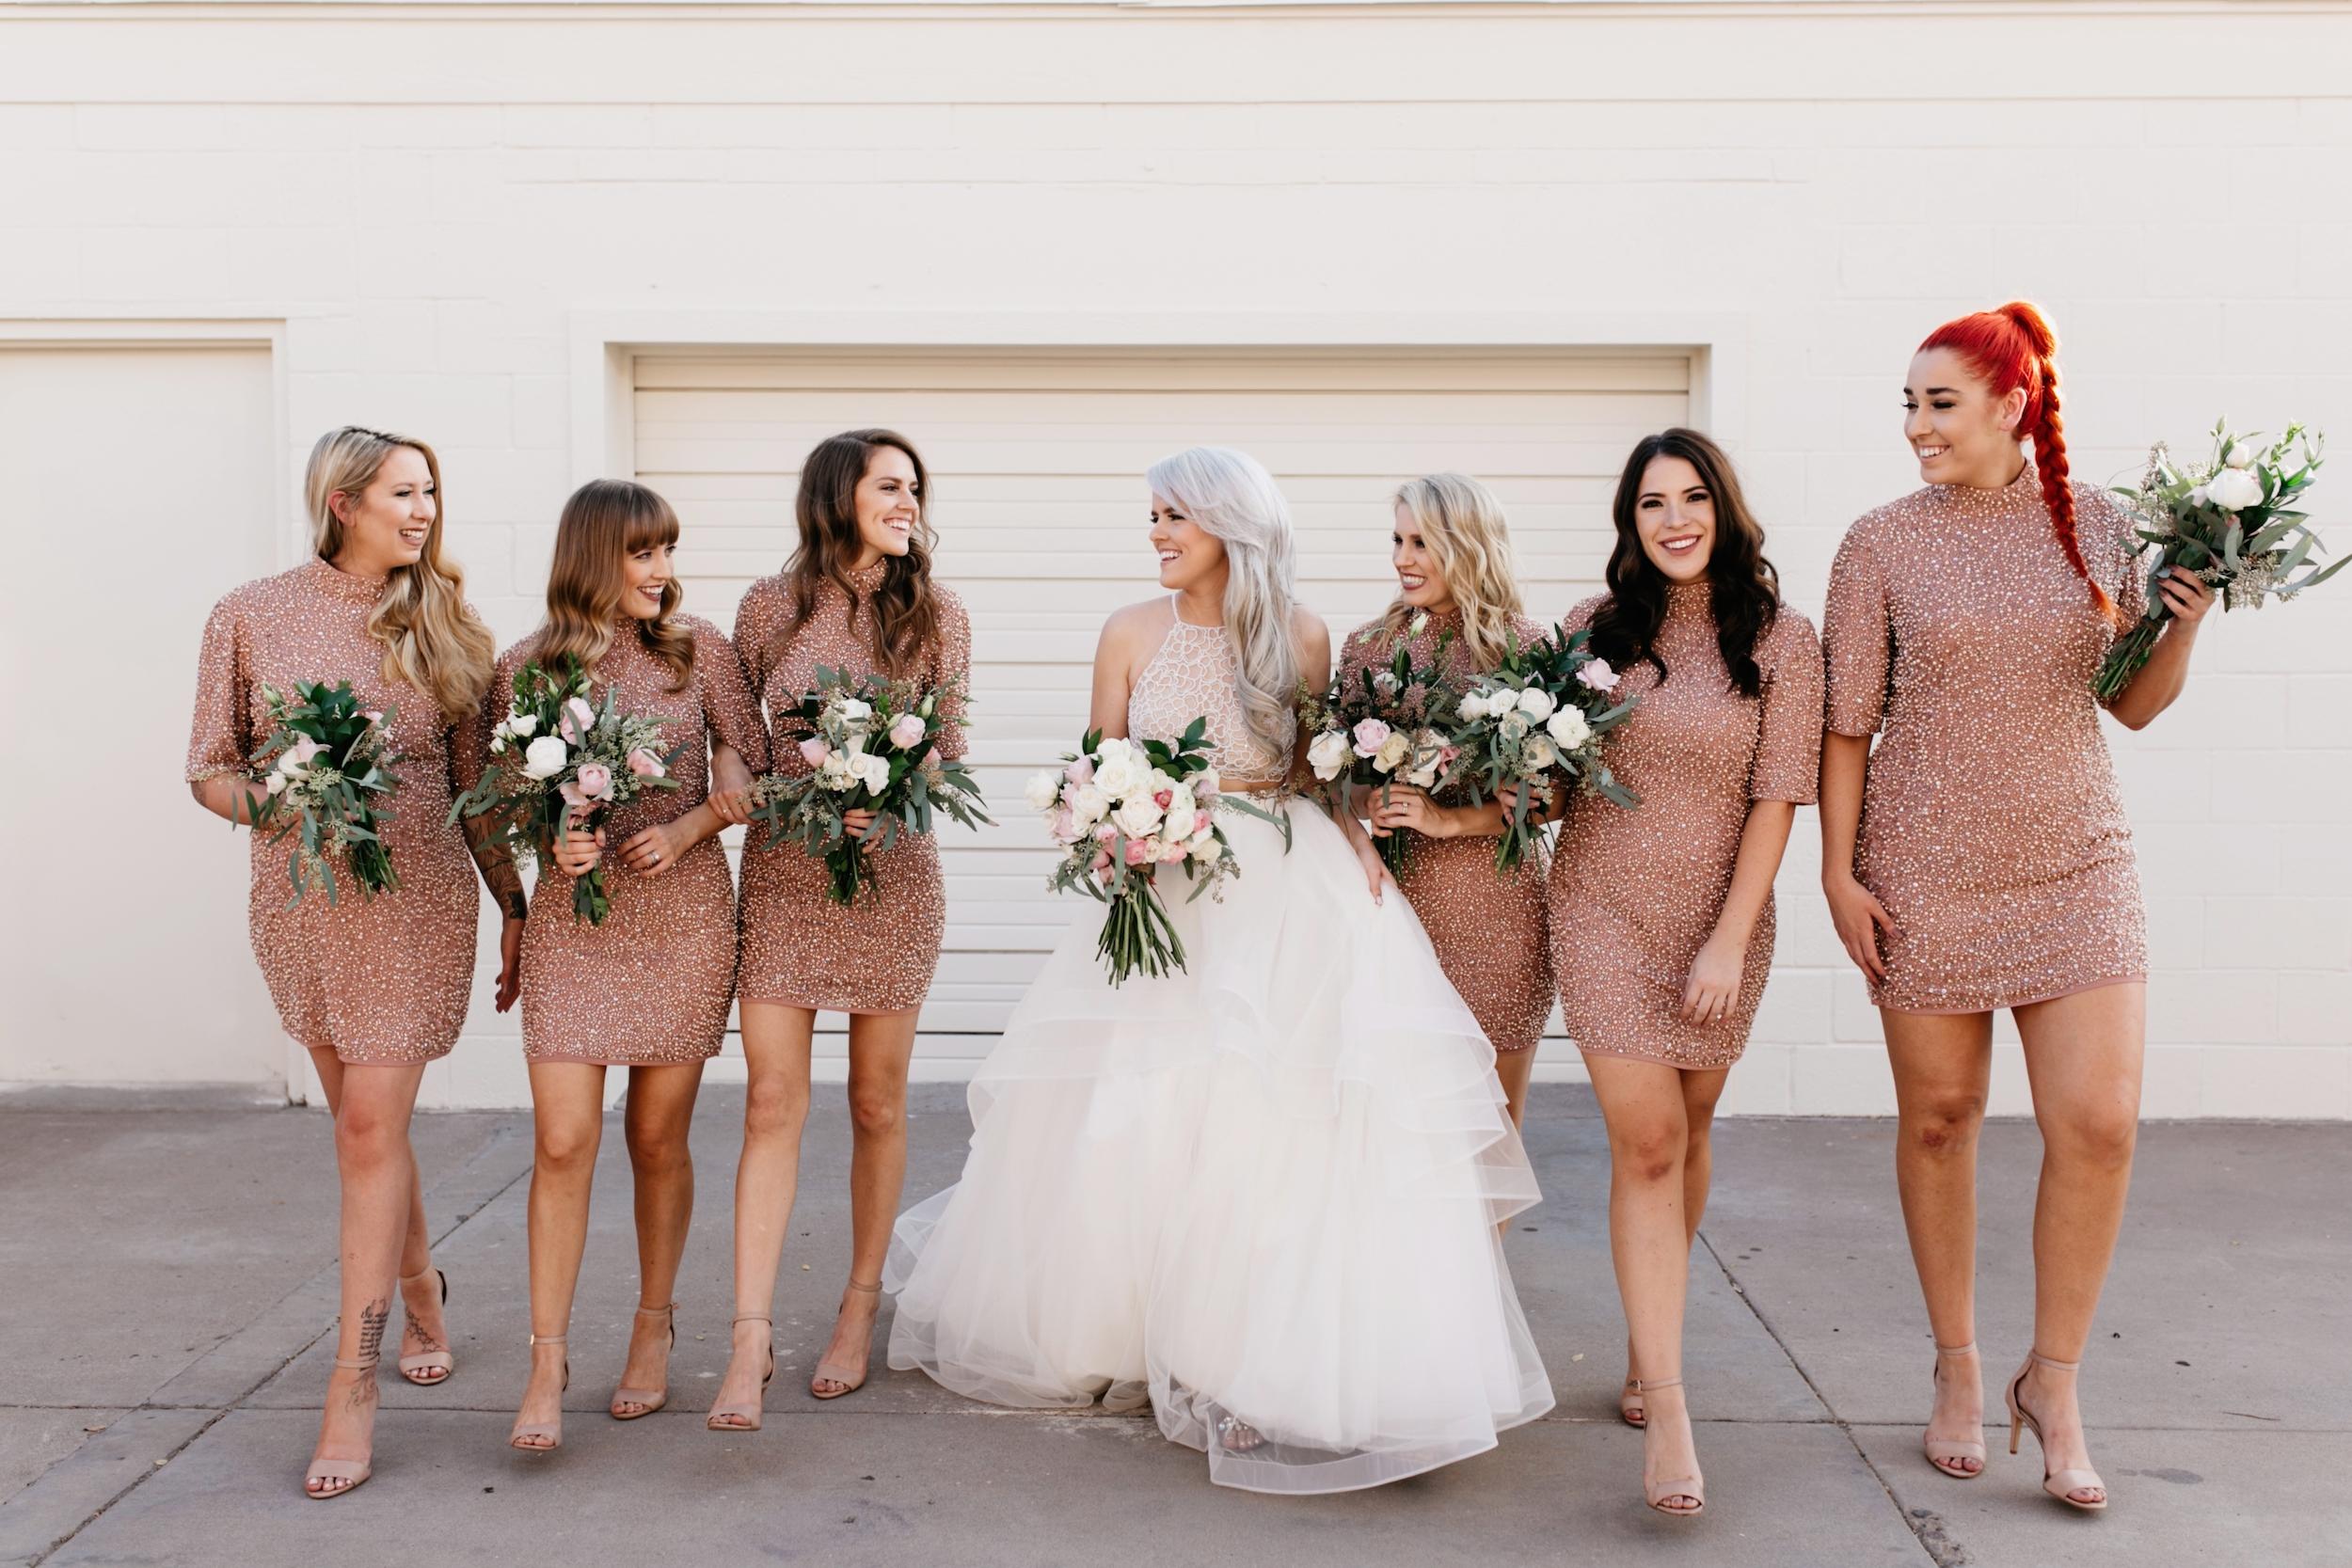 arizona - wedding - photography 01362.jpg